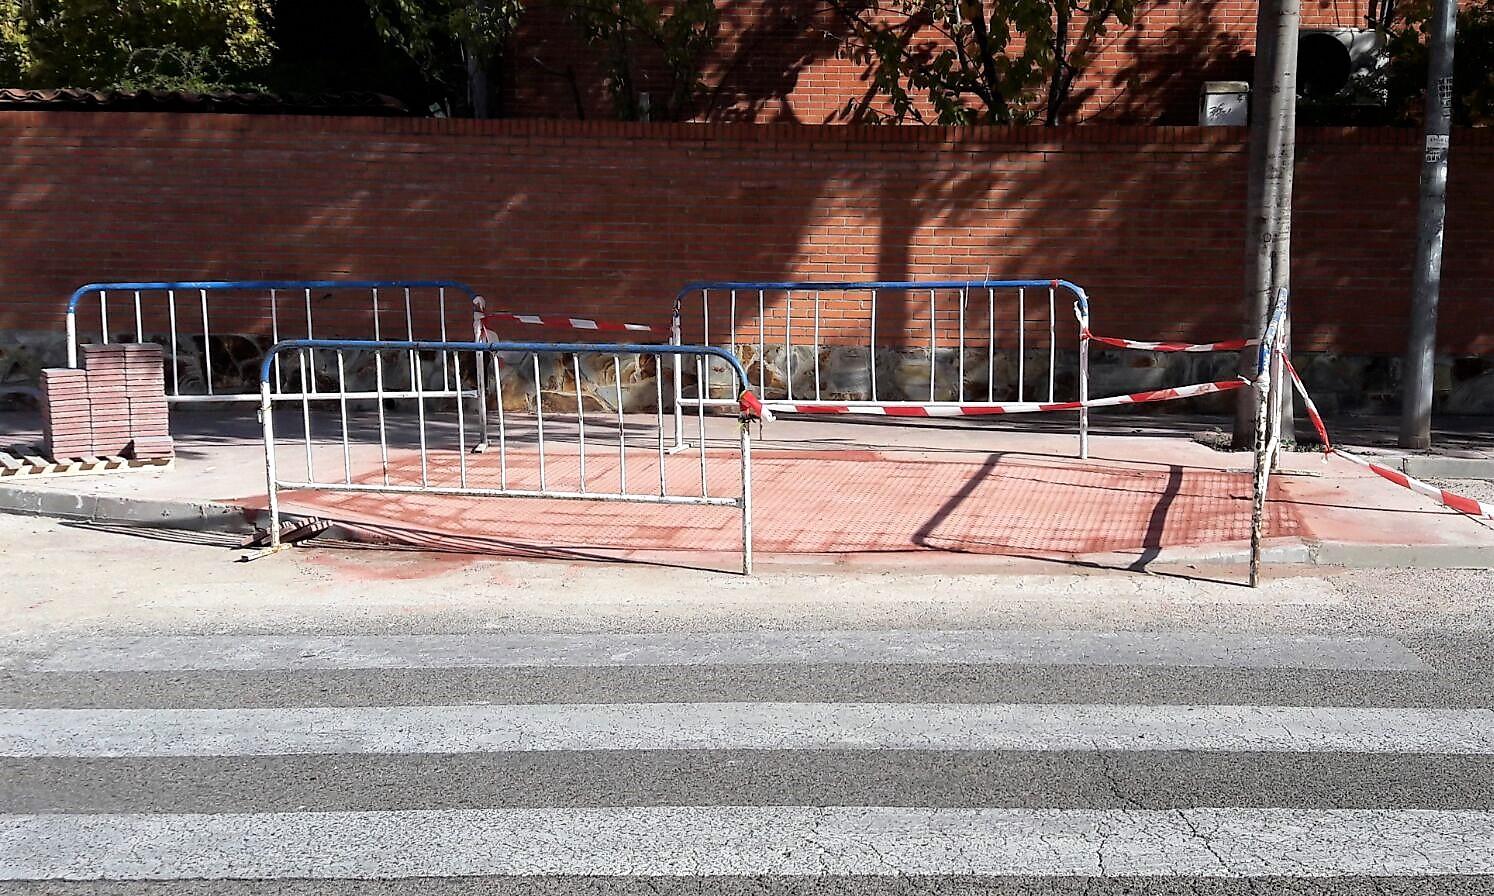 Rebaje de aceras para eliminar barreras arquitectónicas en los pasos de peatones